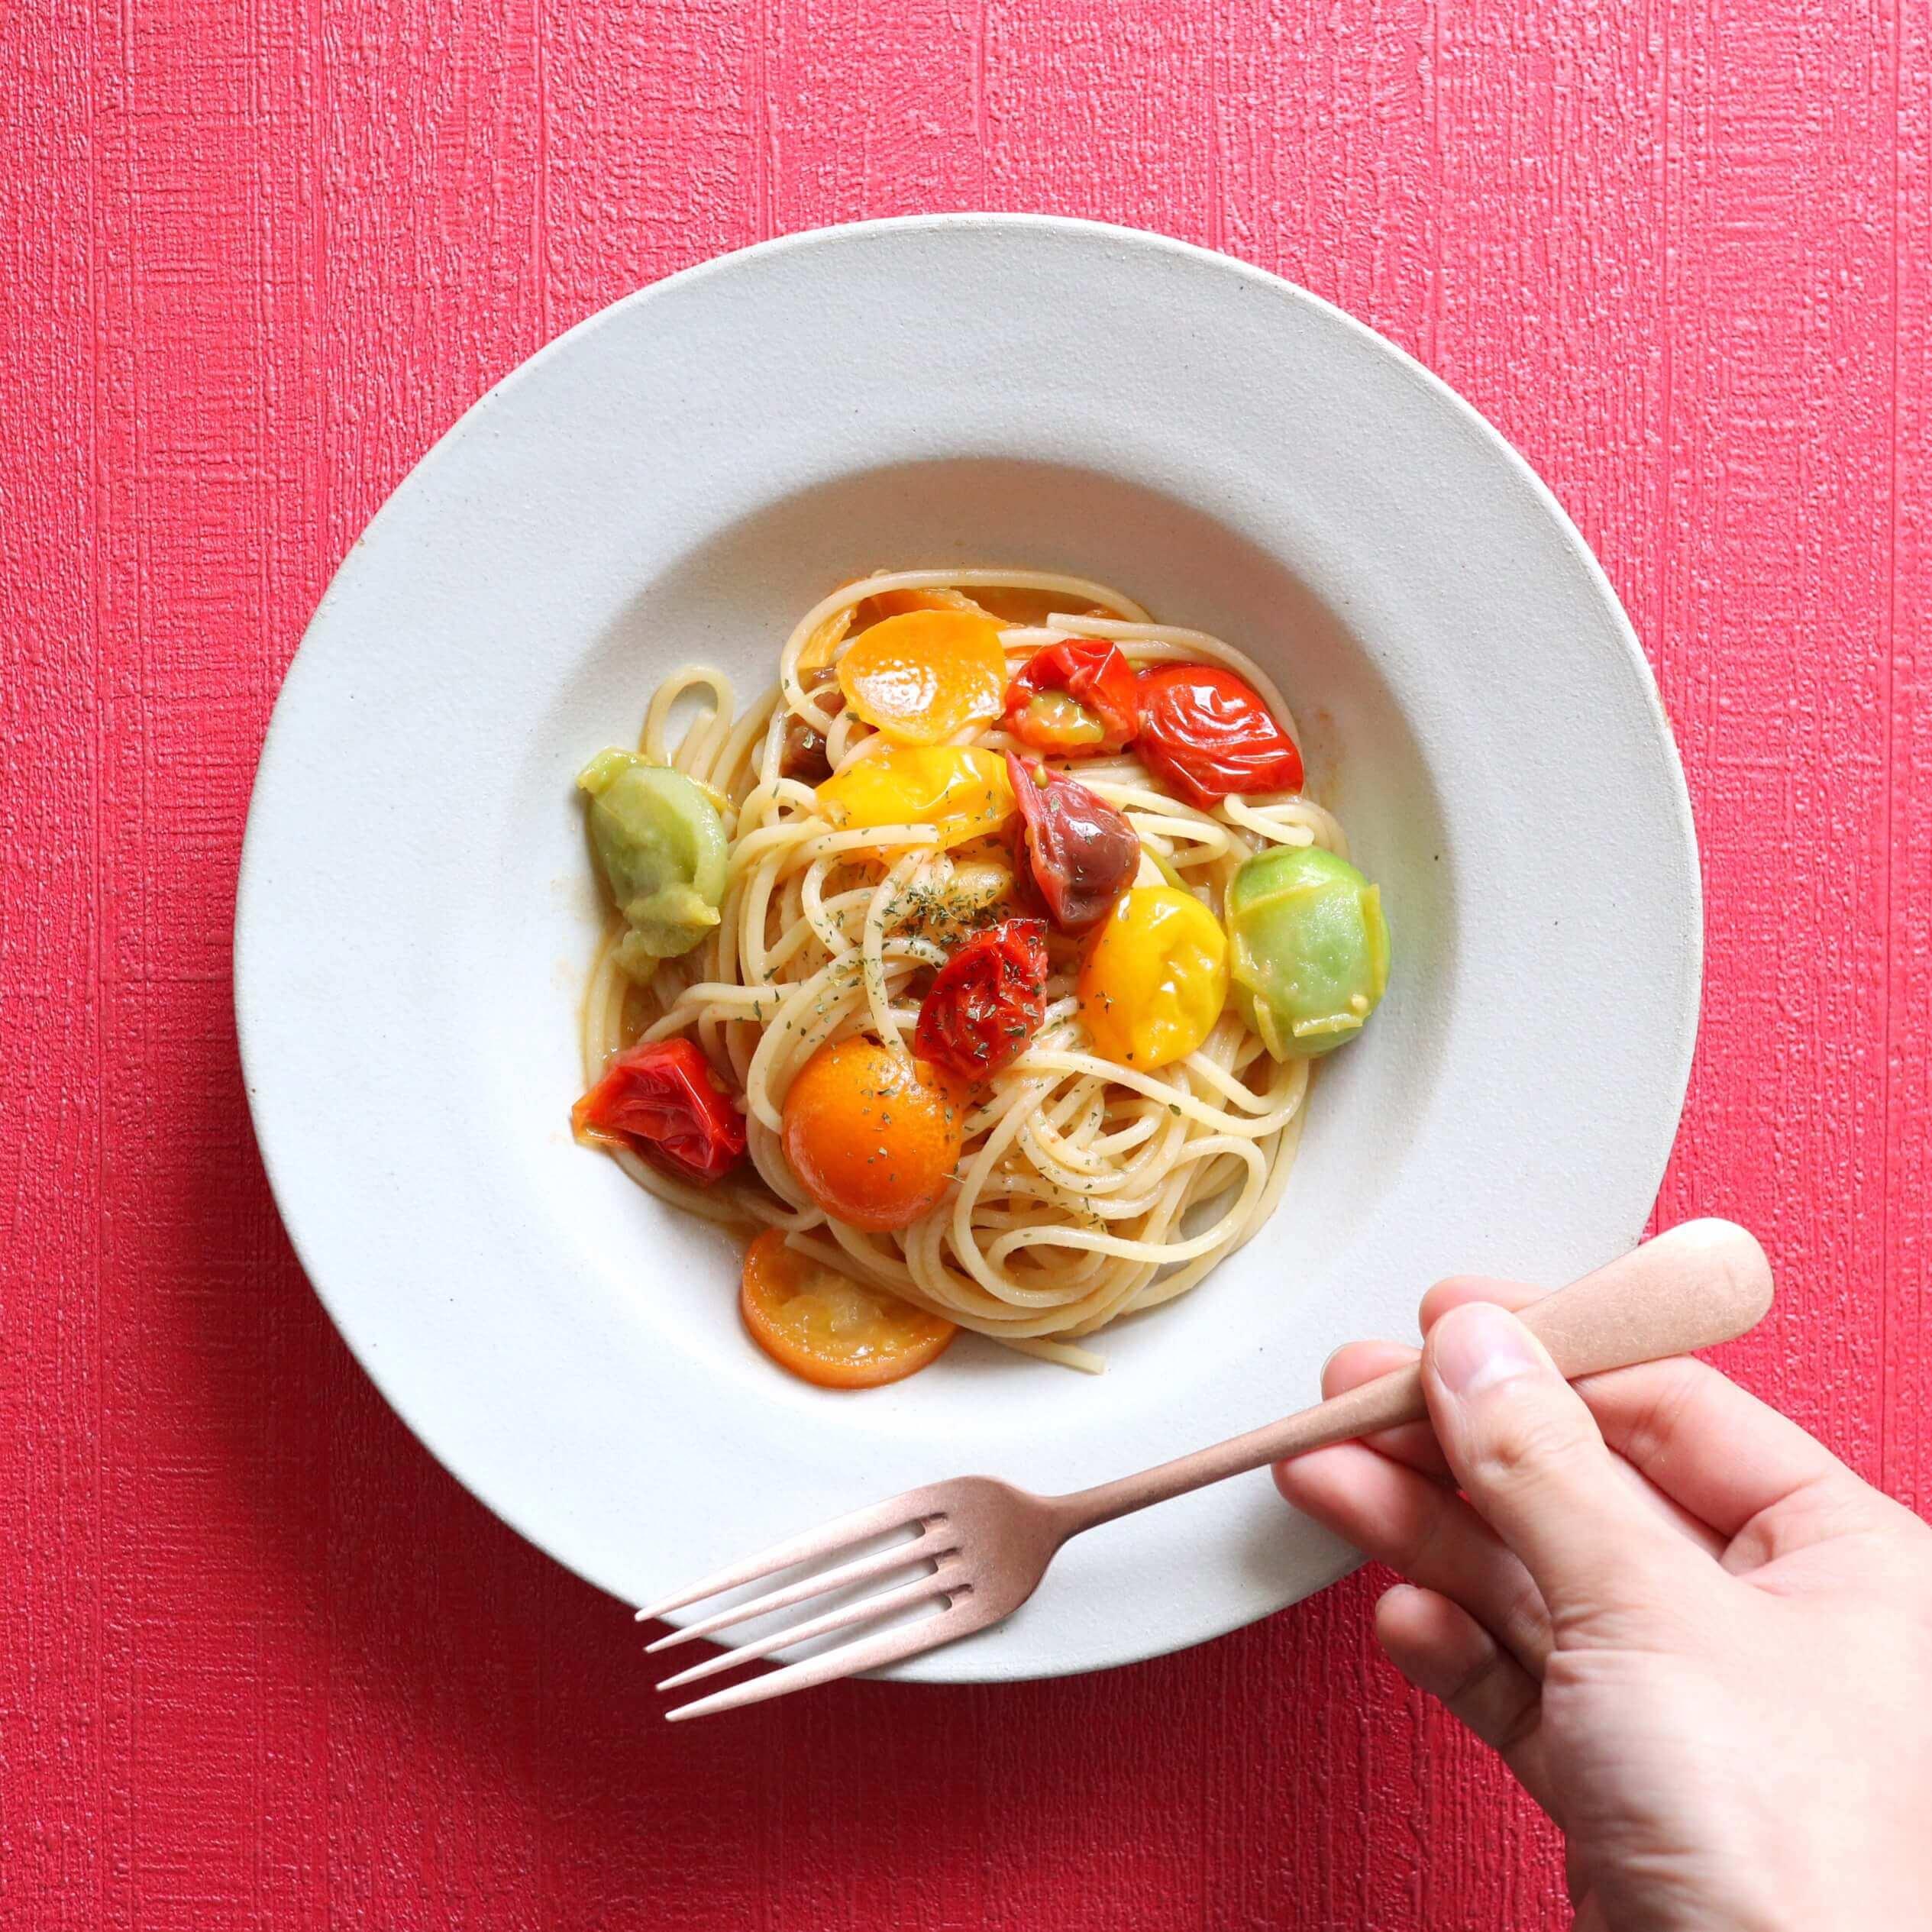 【絶品】金柑とトマトのオイルパスタのレシピ